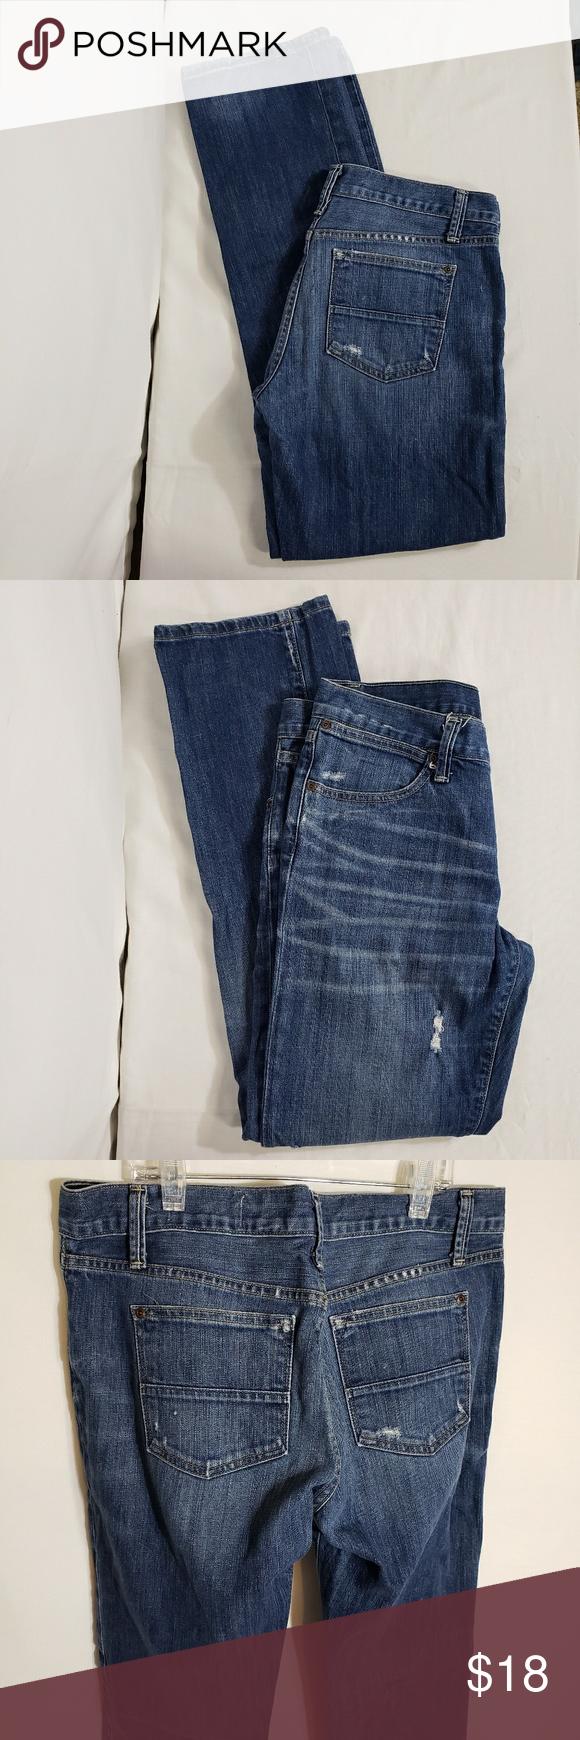 2544fc67c0f7 Gap Limited Edition Roslyn Boyfriend Jeans 27/4 Gap Limited Edition women's  Roslyn Boyfriend Jeans